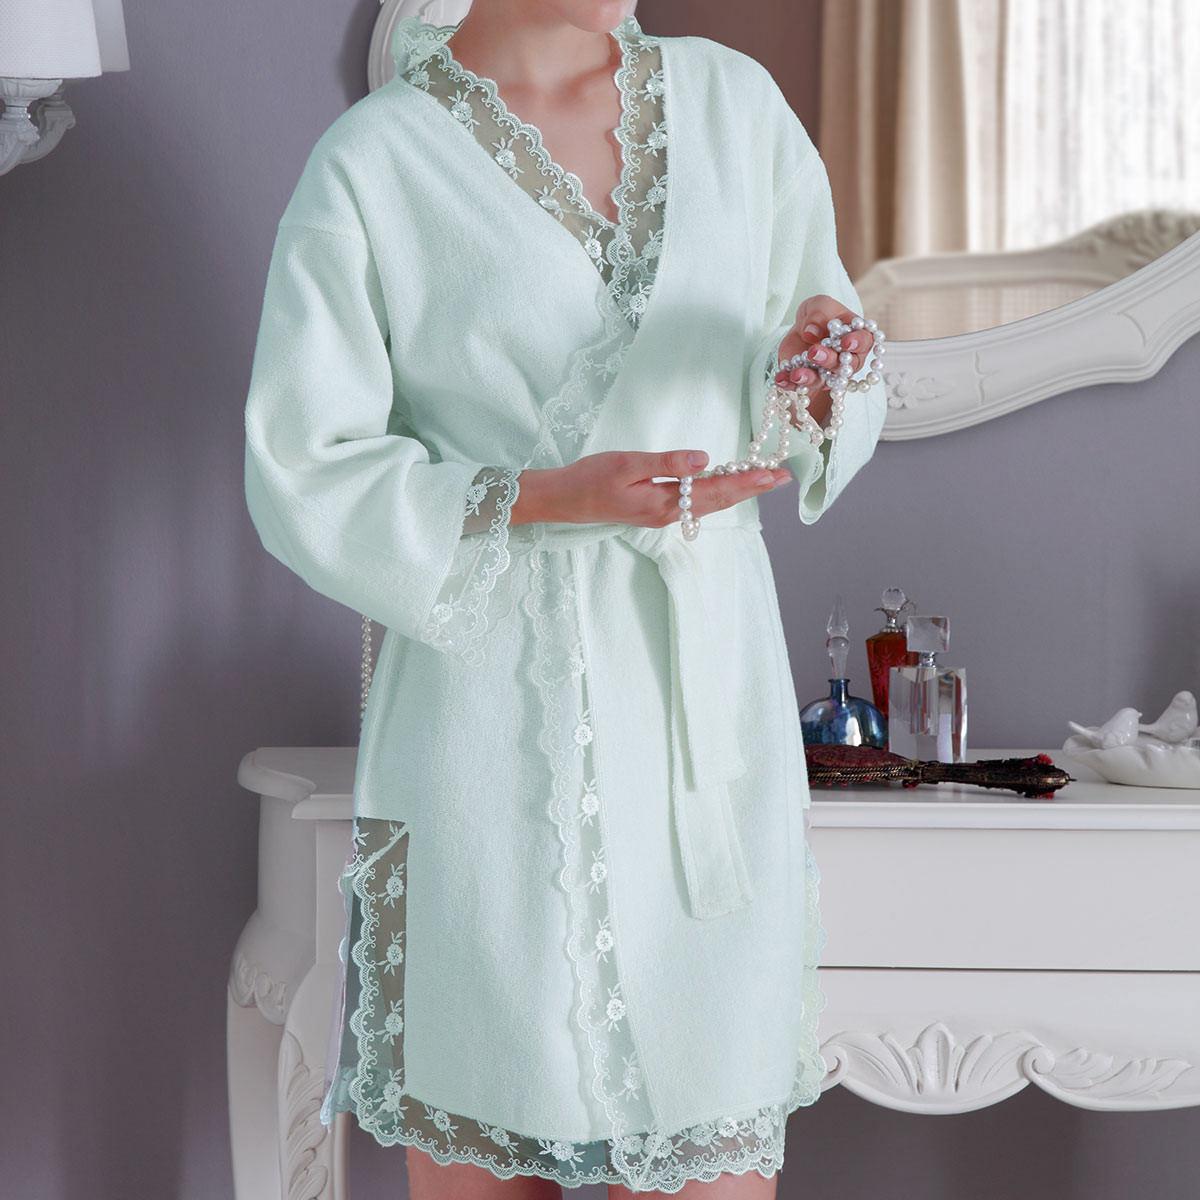 Махровые халаты НАБОР BIANCA бирюзовый женский халат и полотенце Tivolyo Home (Турция) bianca.zel.jpg